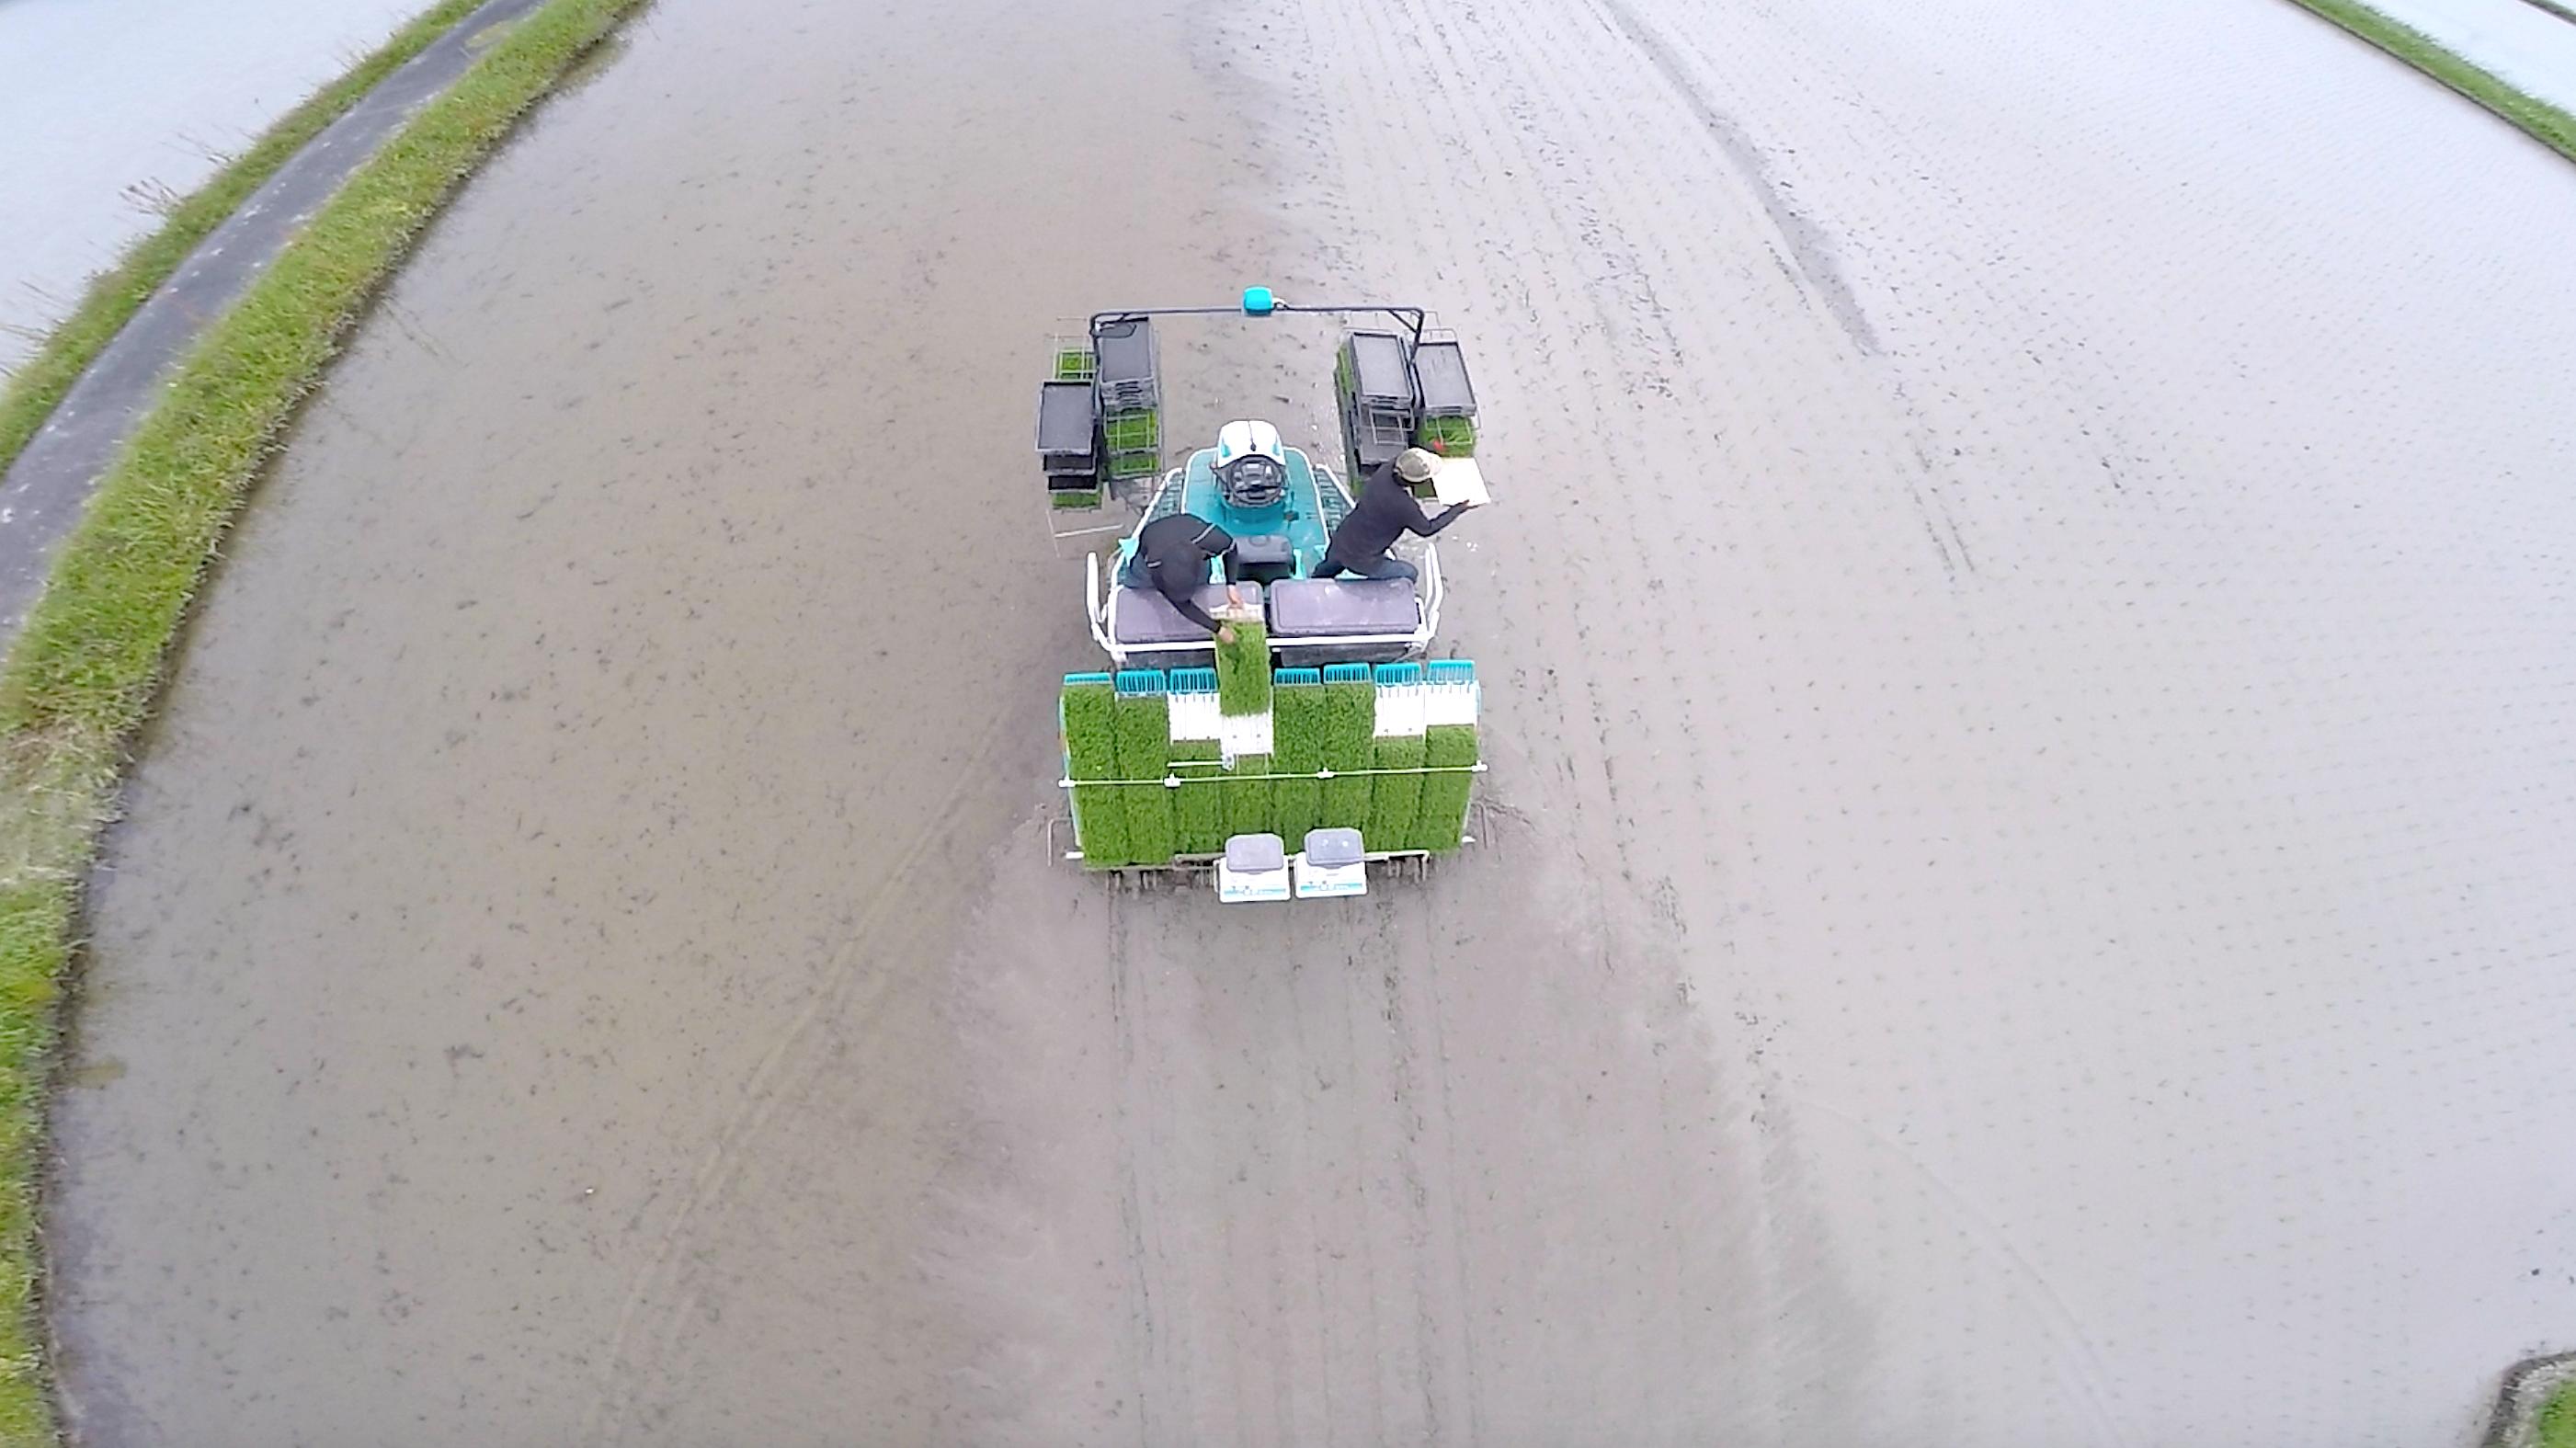 自動運転田植え機による田植え作業